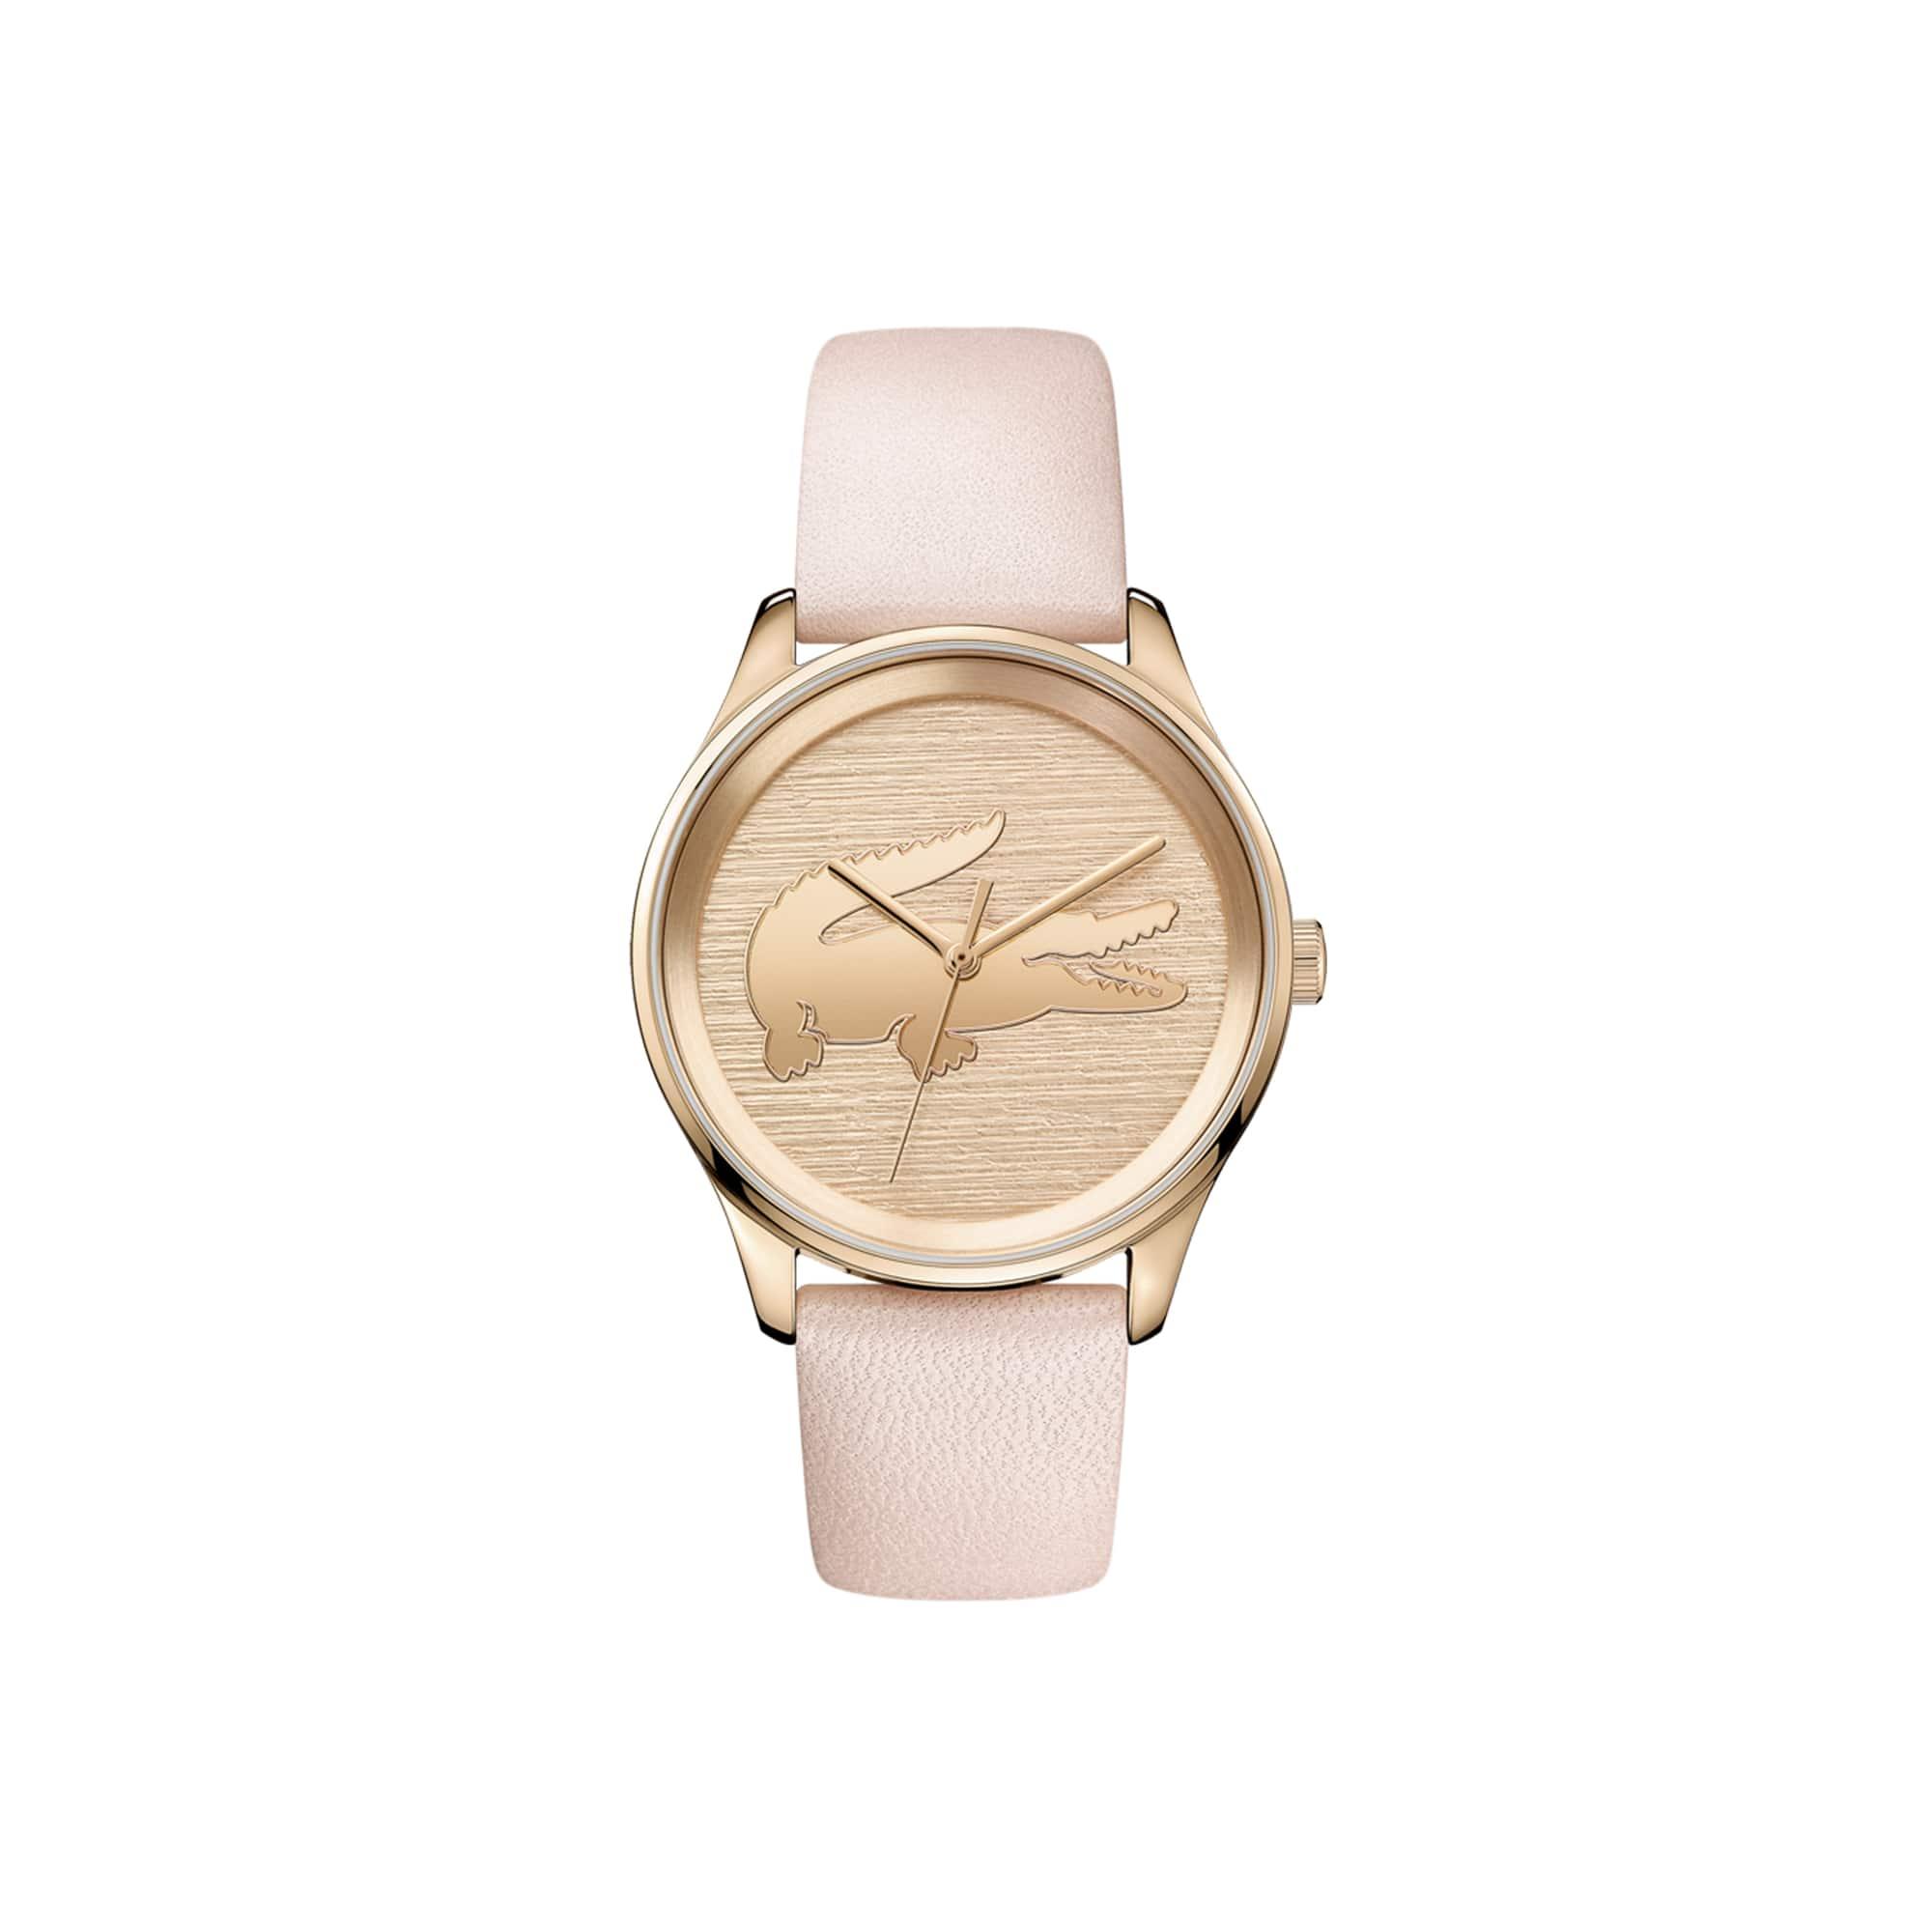 ساعة Valencia نسائية مع حزام زهري من الجلد